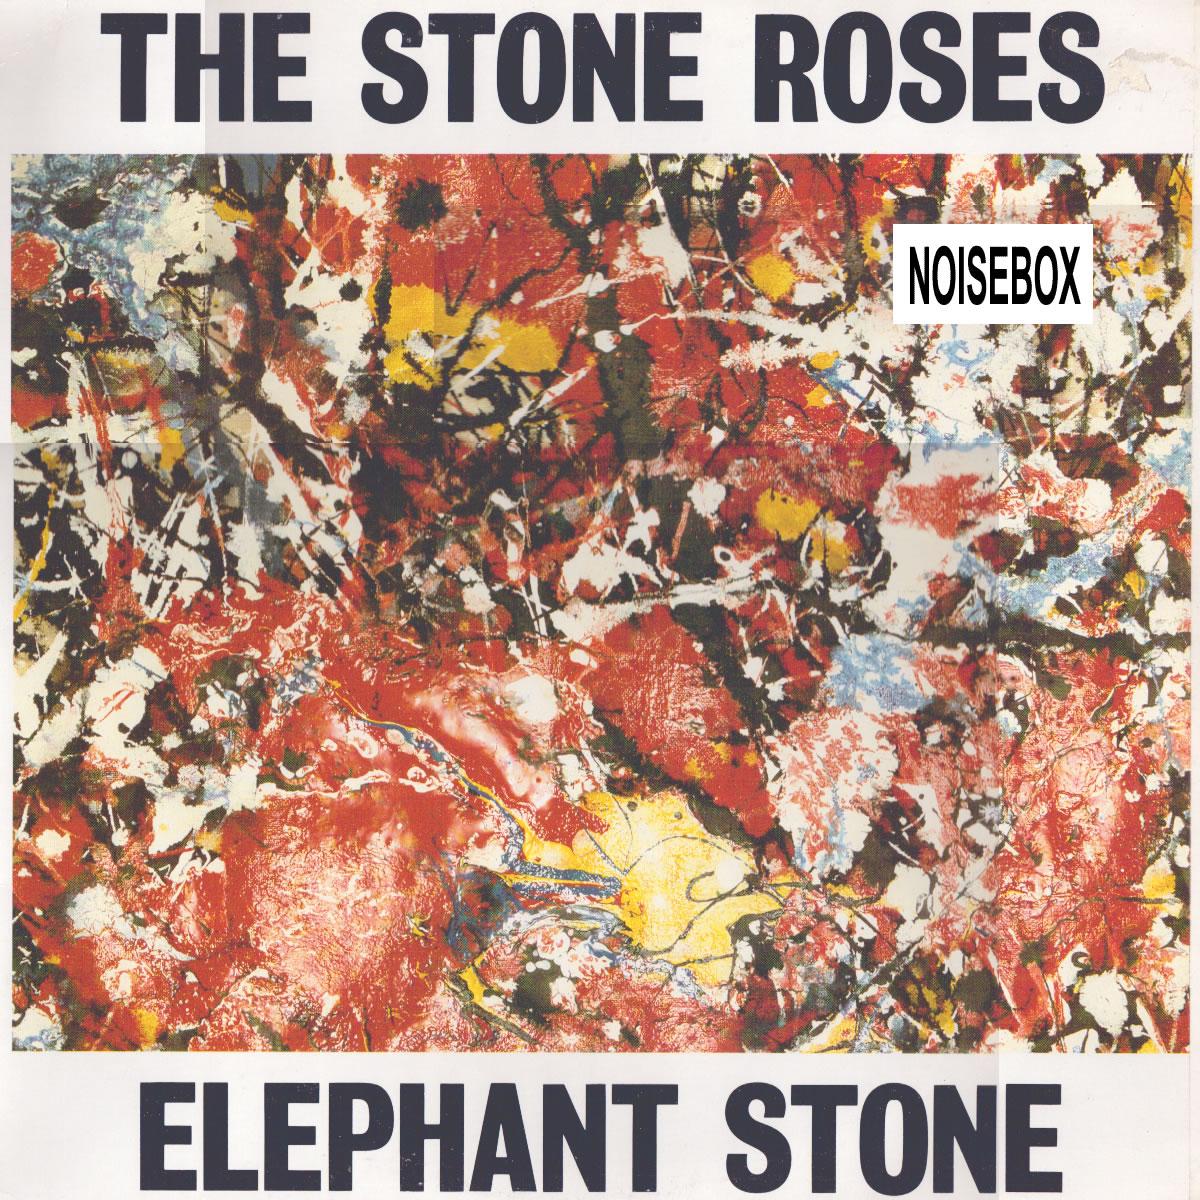 NOISEBOX: Stone Roses - Elephant Stone EP